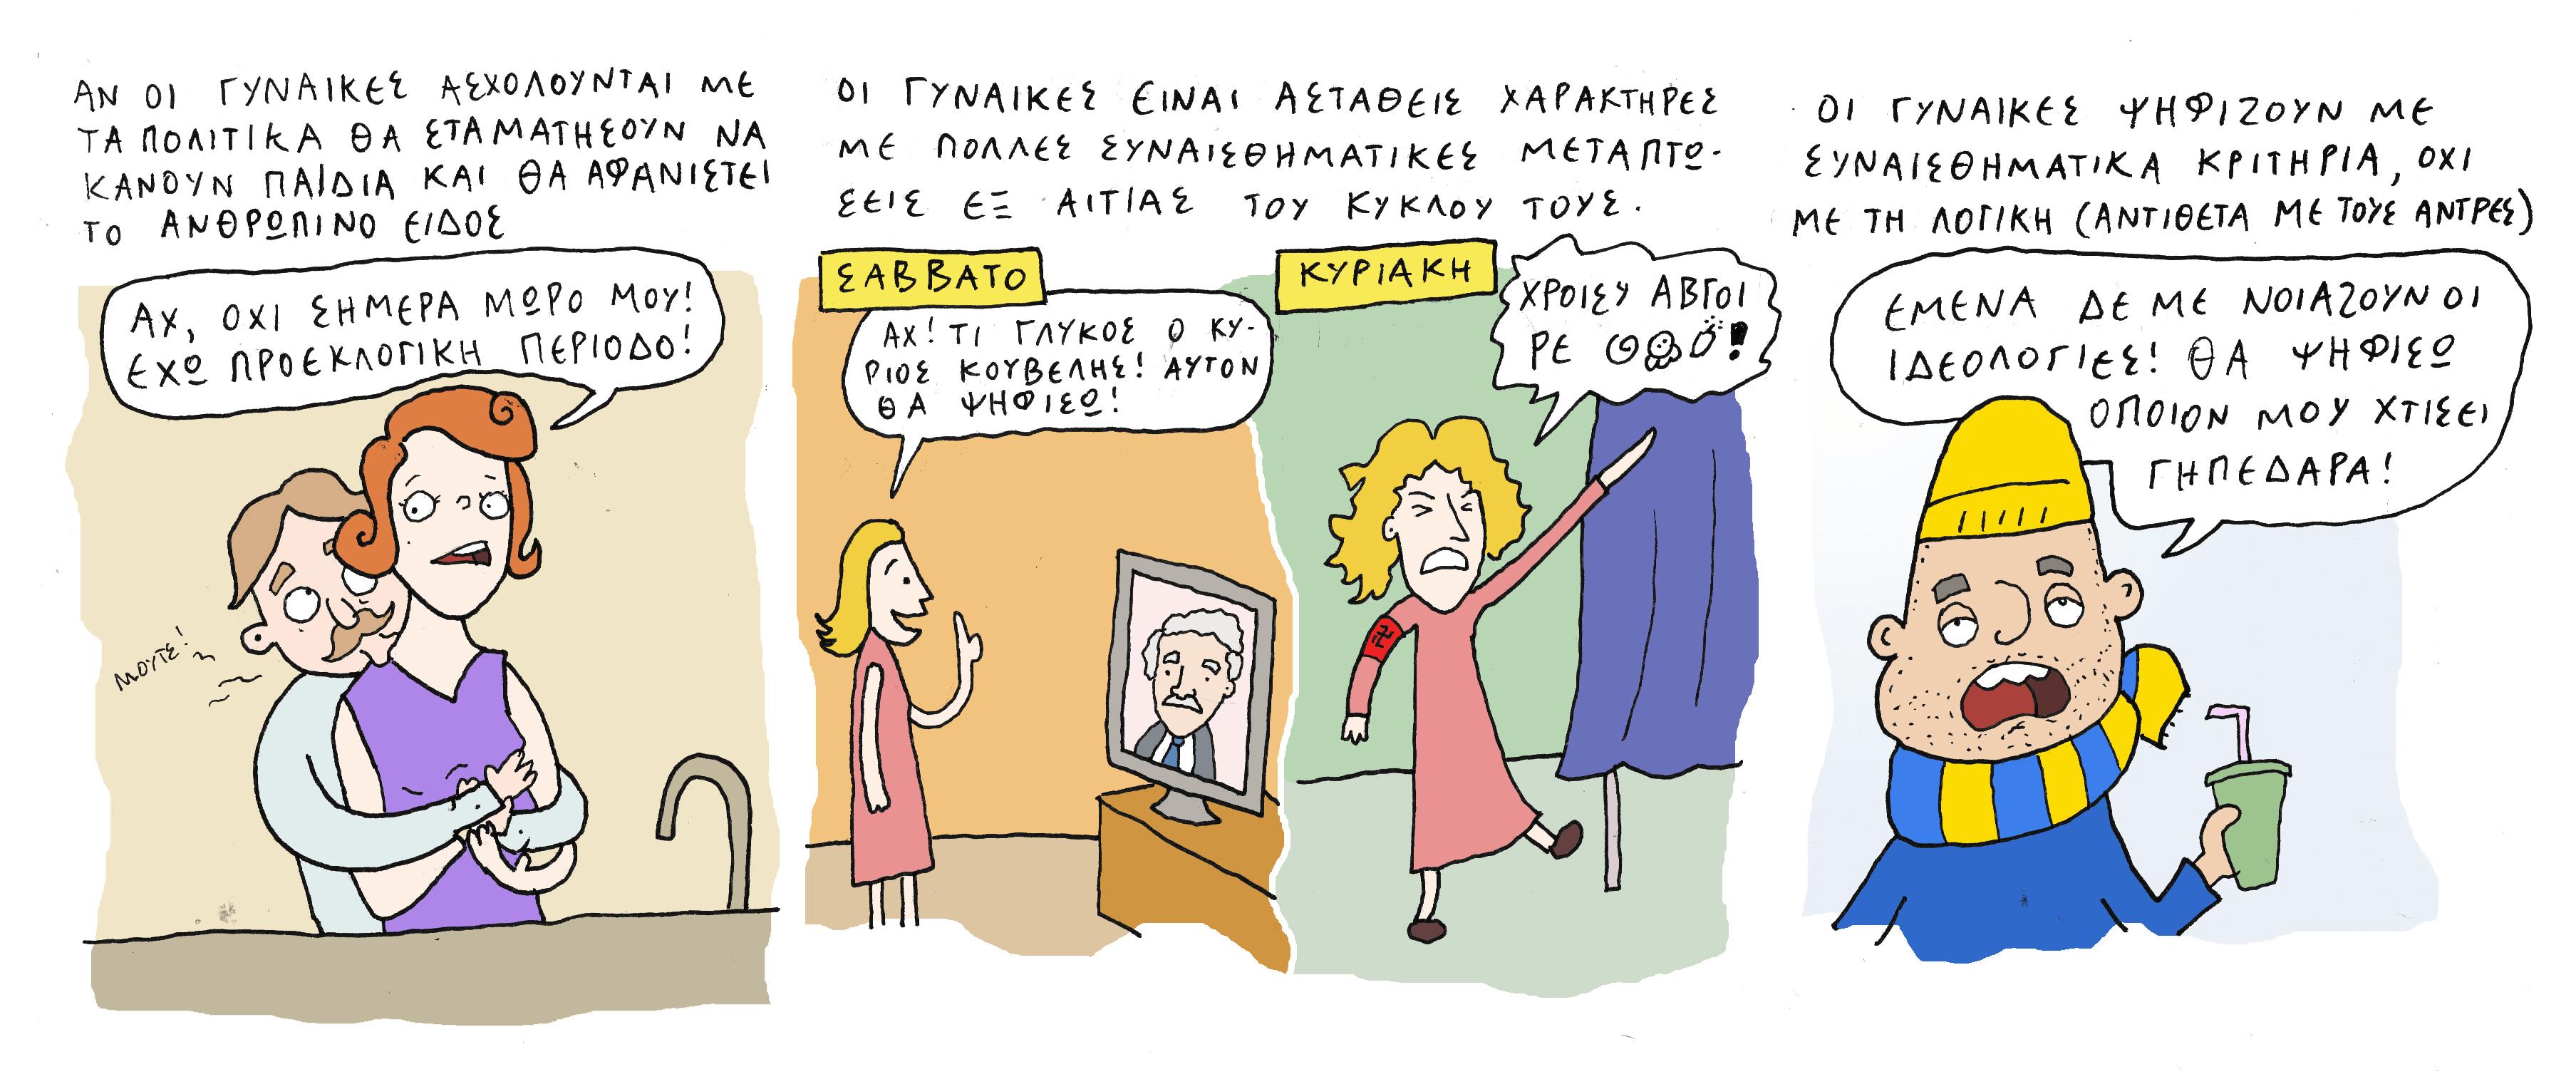 gynaikes